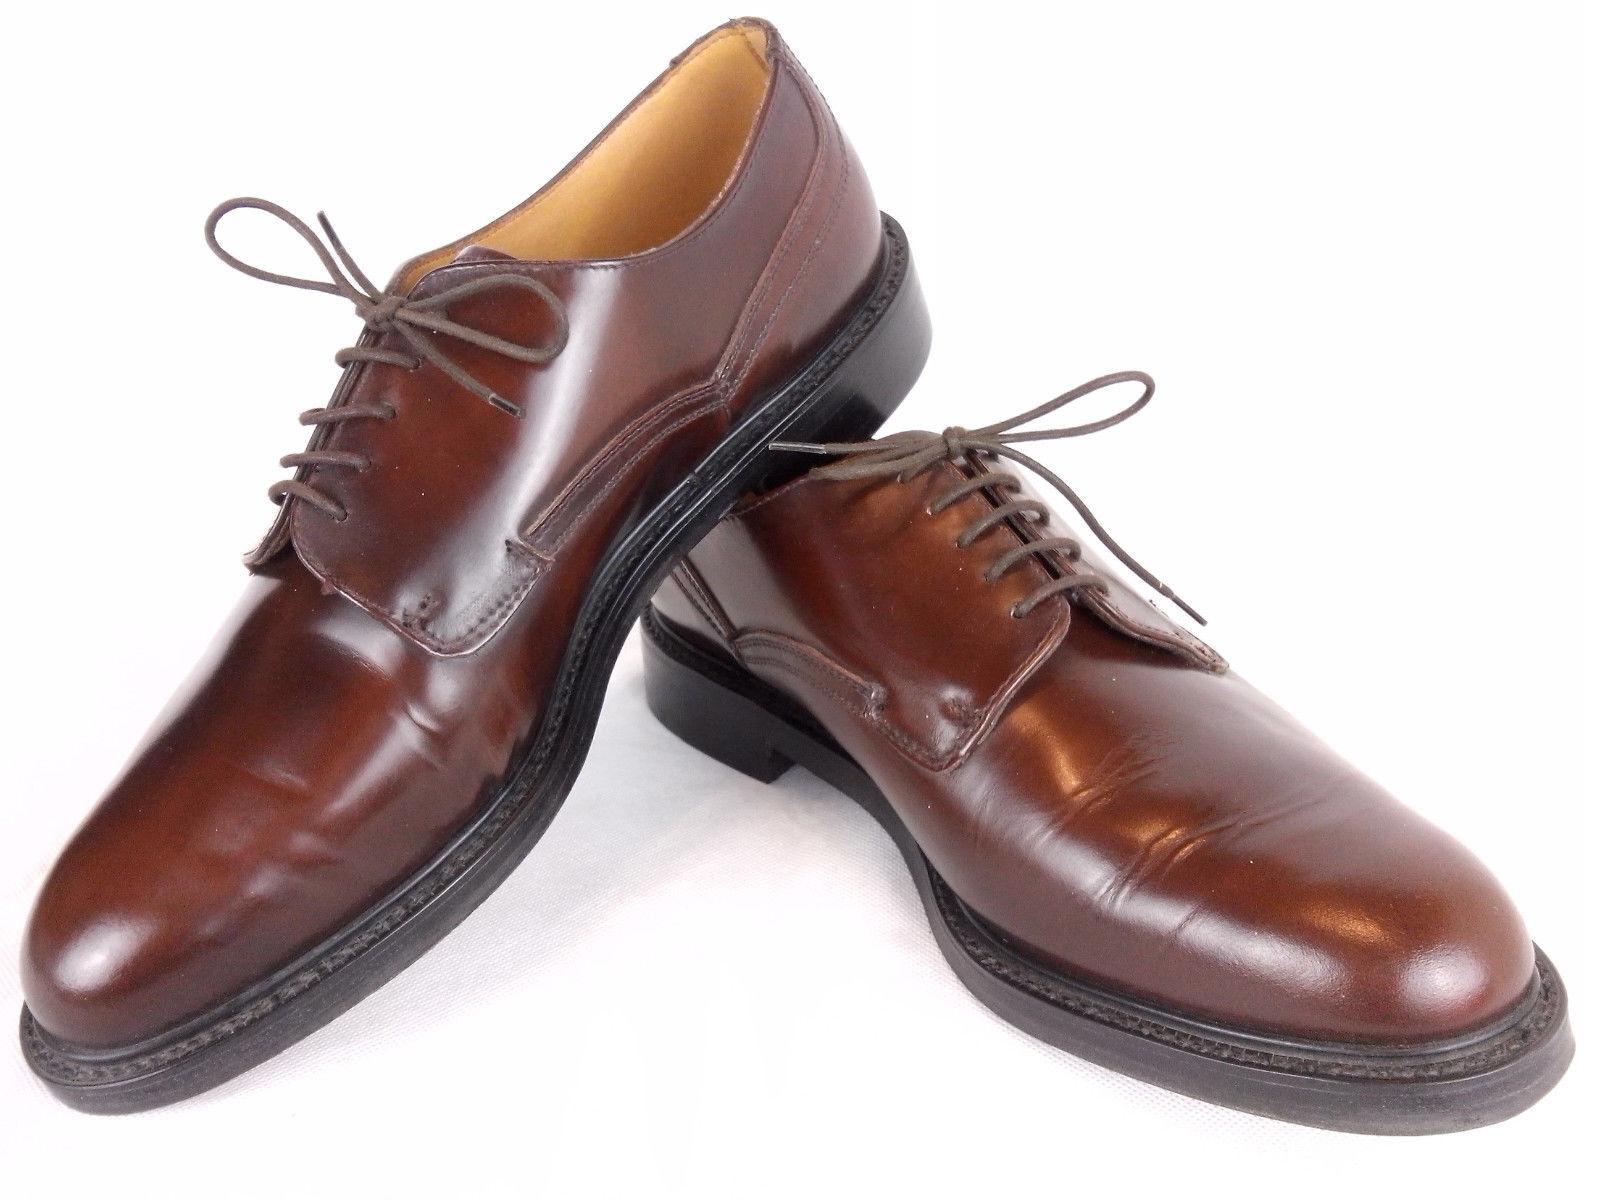 Gleneagles Inglaterra welted Derby de cuero marrón marrón marrón oscuro polaco UK 9.5 G Ajuste Ancho 9f0854